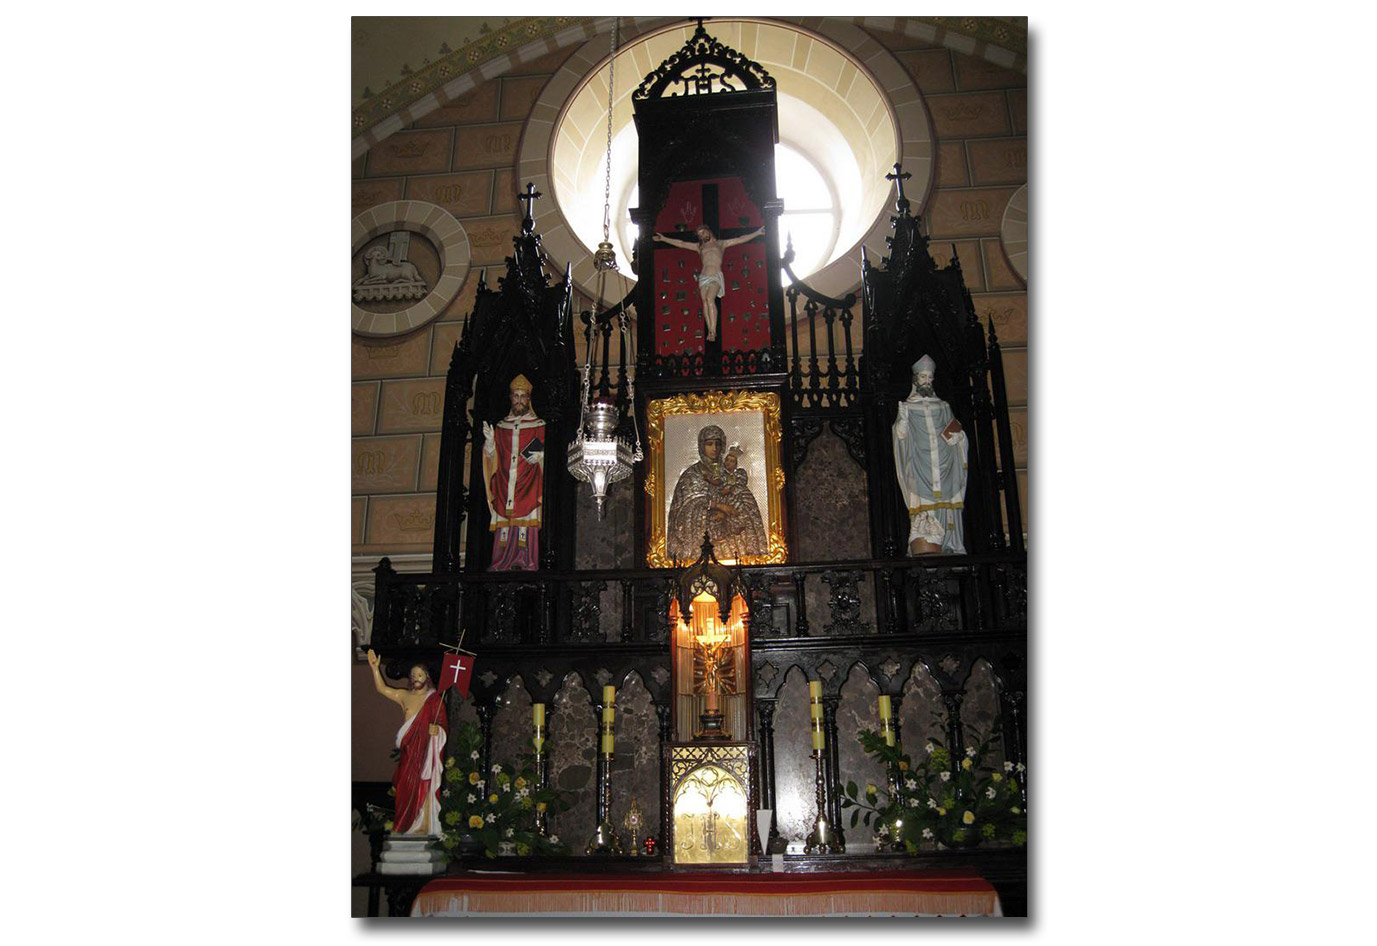 Ołtarz w kościele Św. Anny w Barze